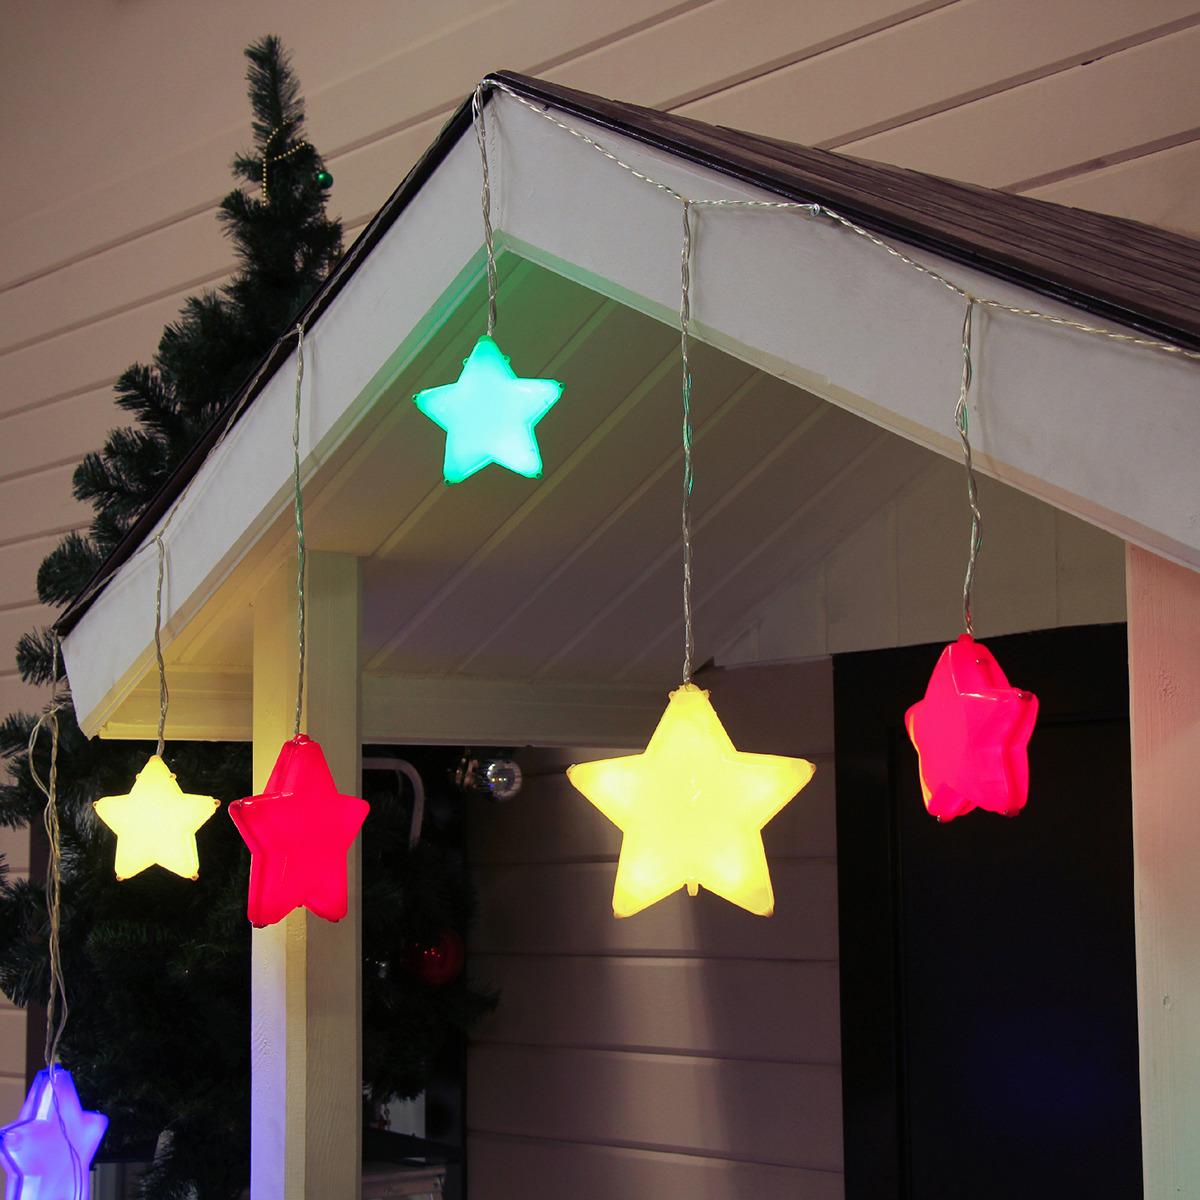 цена на Гирлянда уличная Luazon Lighting Бахрома. Звезды, УМС, цвет: разноцветный, 2,5 х 0,66 м